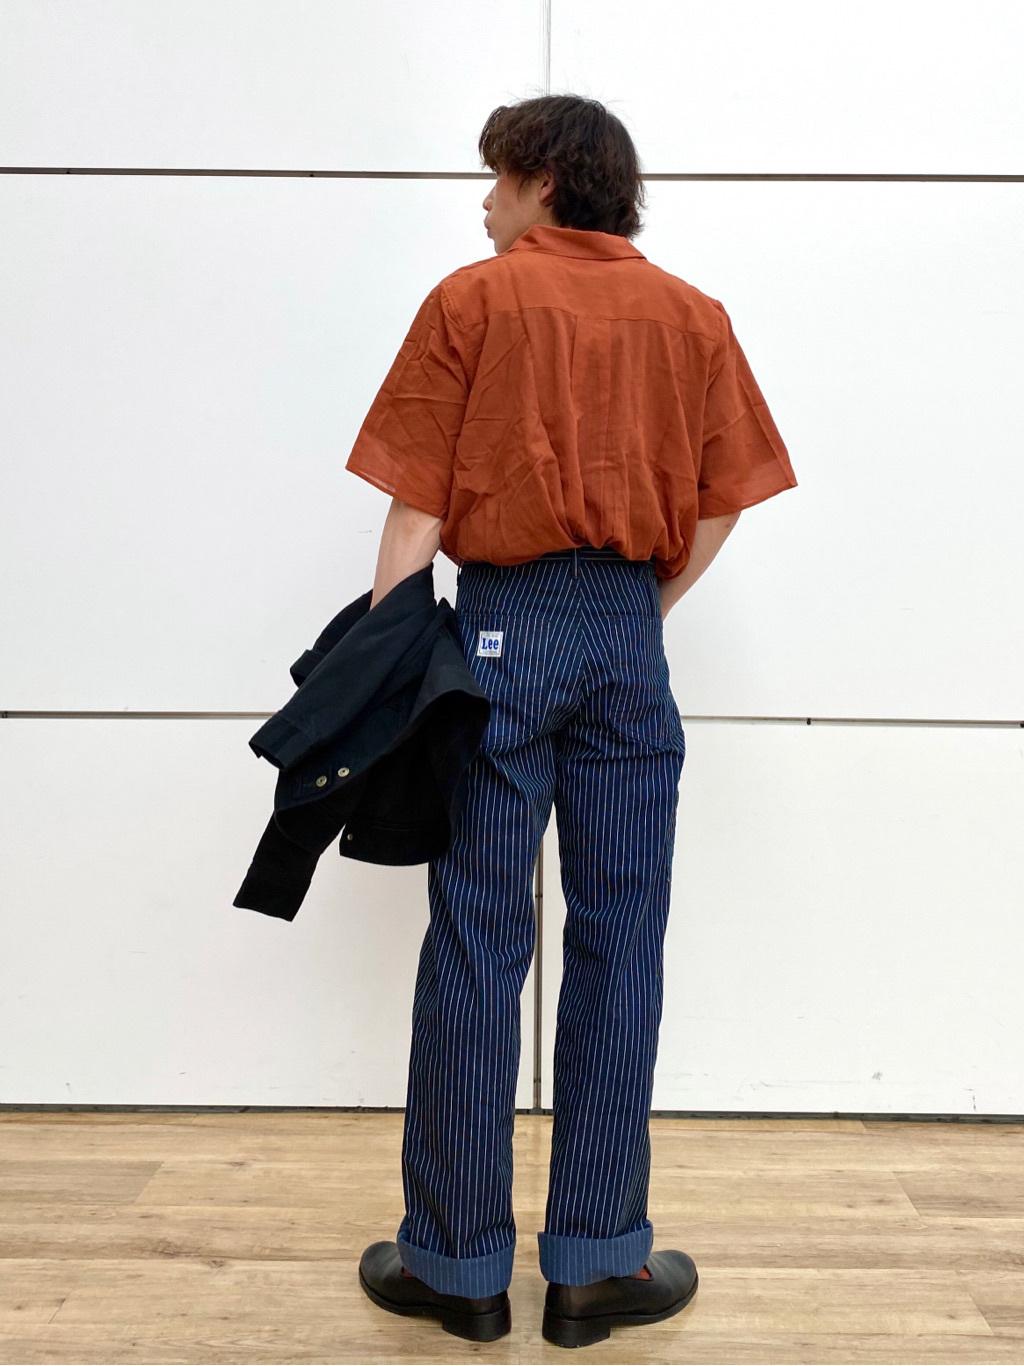 エスパル仙台店のすがきよさんのLeeの【ユニセックス】ワンポイントロゴ刺繍 半袖Tシャツを使ったコーディネート